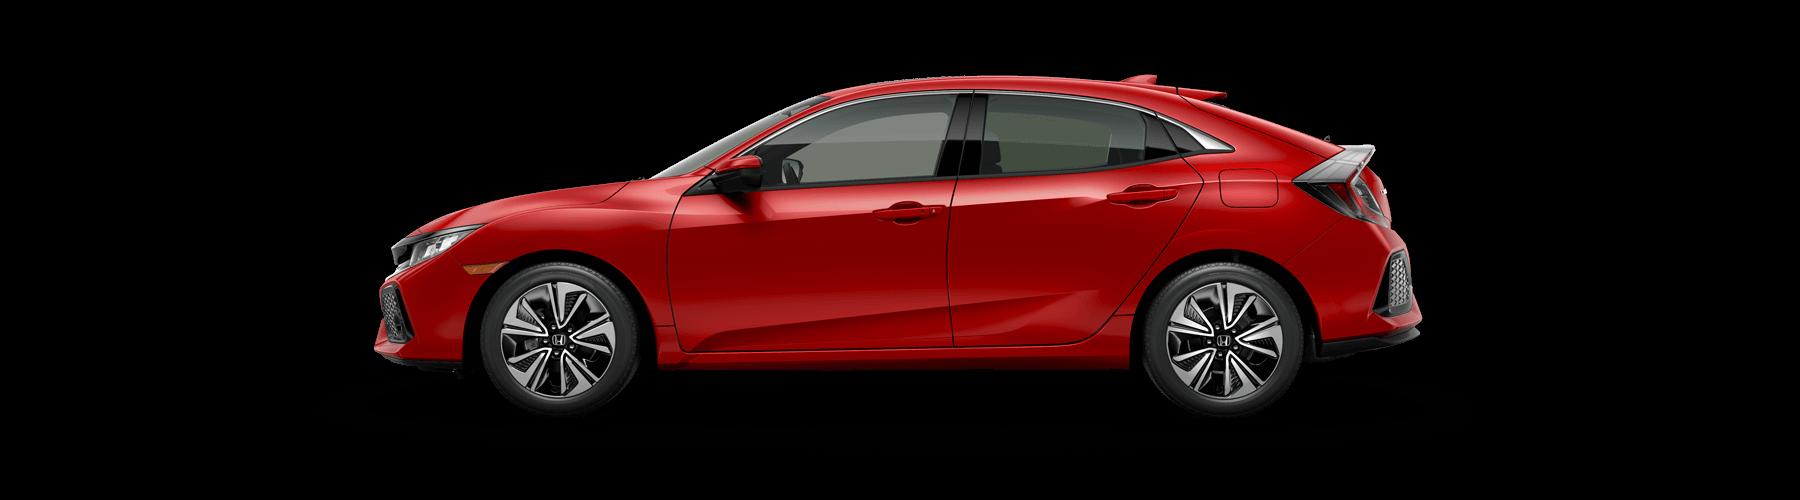 2018 Honda Civic Hatchback Side Profile